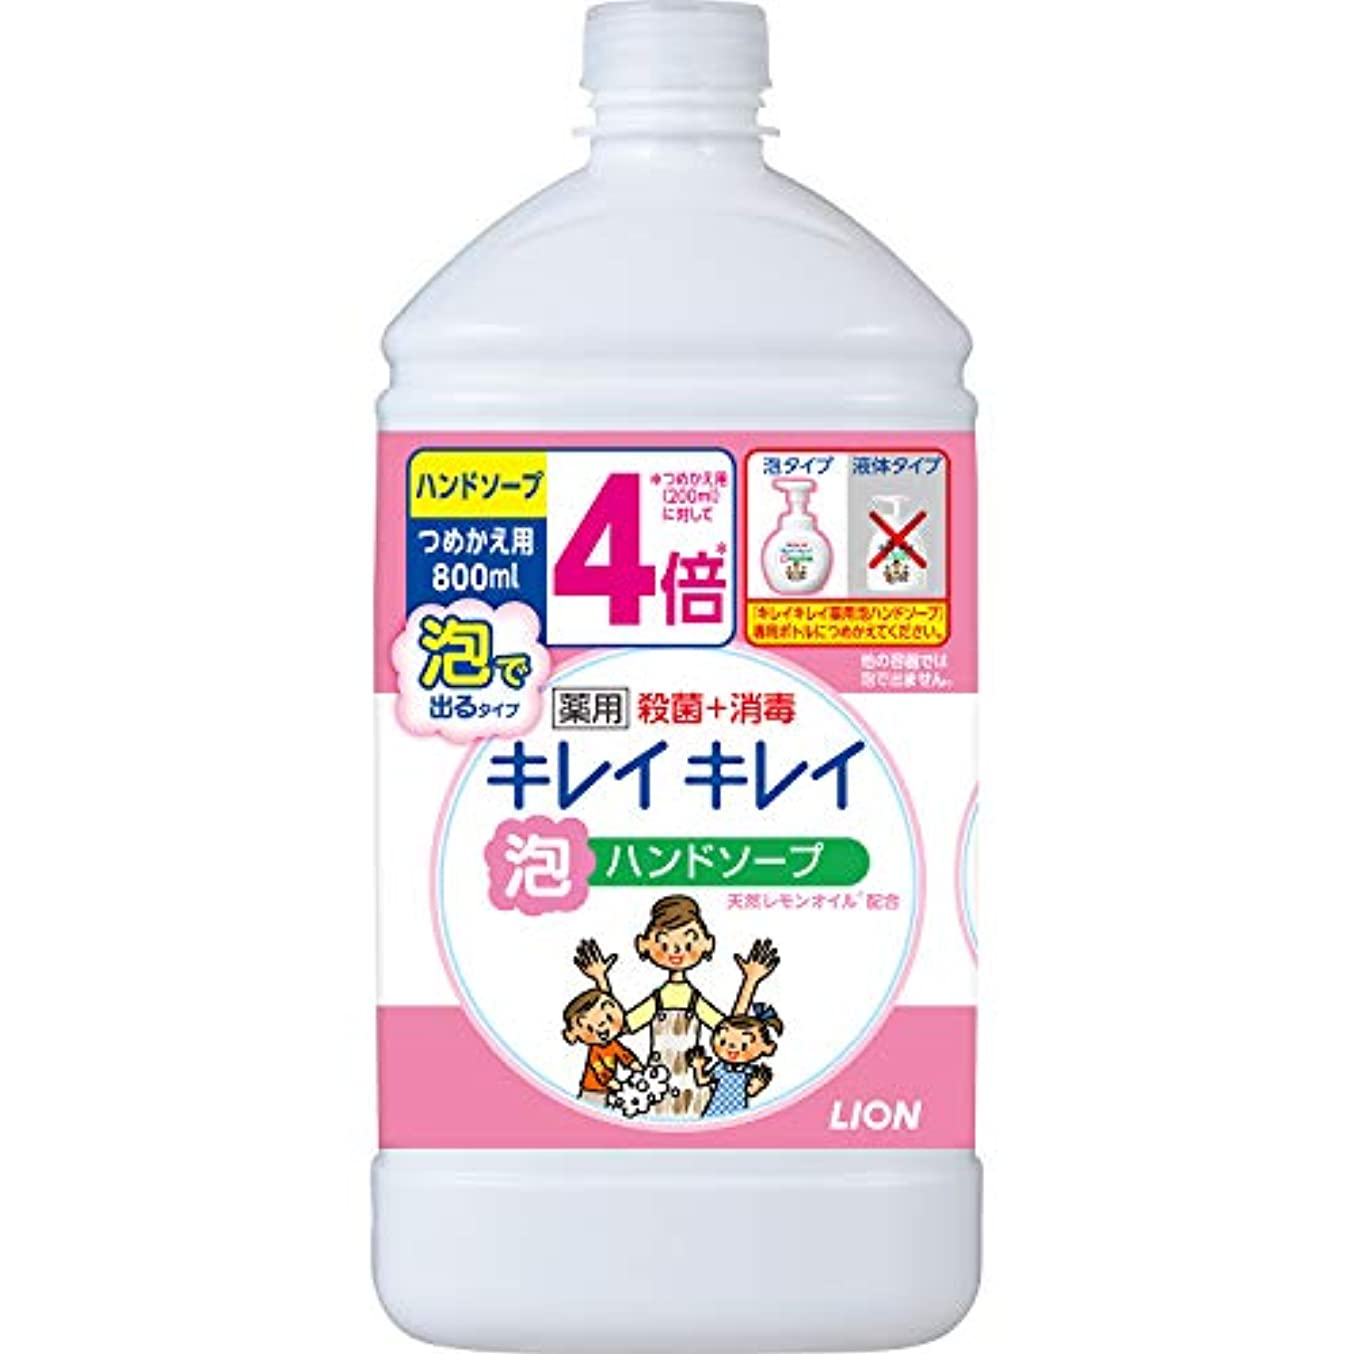 競争結婚した虎(医薬部外品)【大容量】キレイキレイ 薬用 泡ハンドソープ シトラスフルーティの香り 詰替特大 800ml